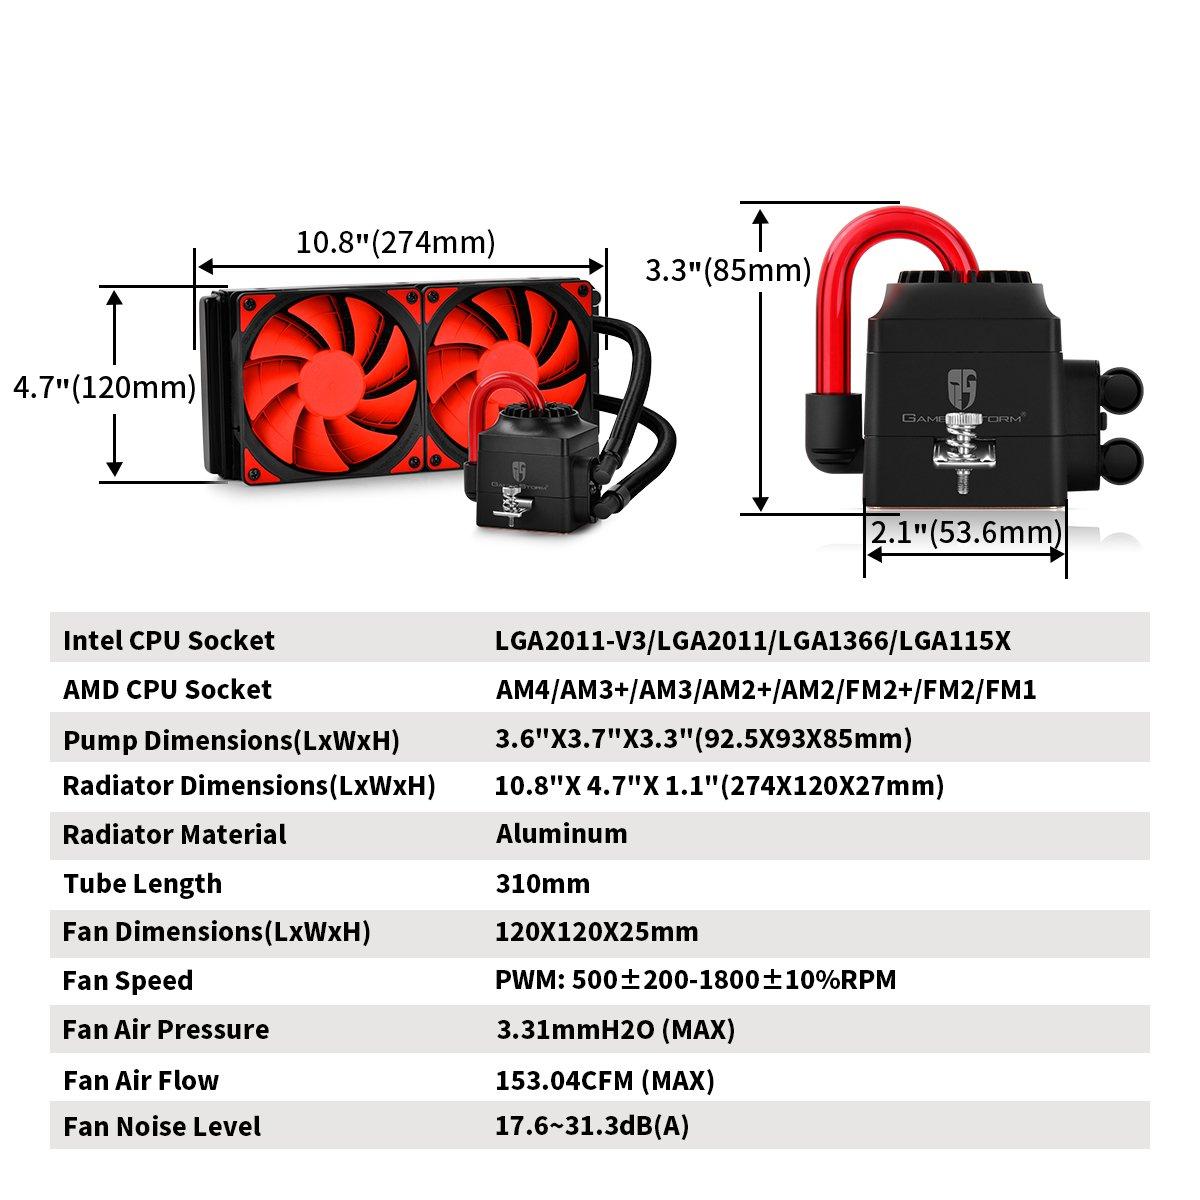 blanco conecto CC50561 Bridas de velcro Juego de 10 Velcro con lazo para la gesti/ón de Cables